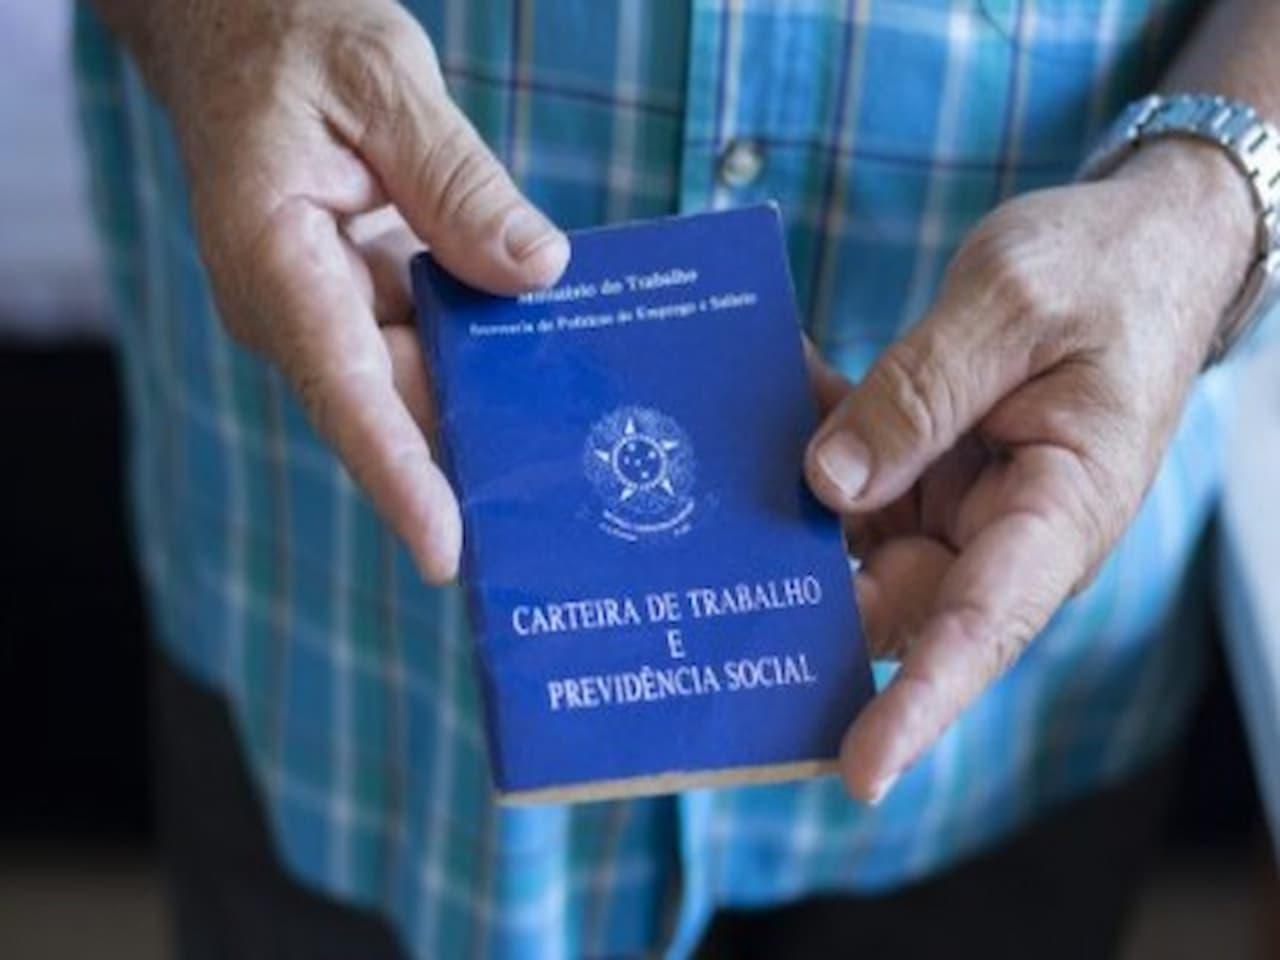 pessoa mostrando carteira de trabalho em suas mãos representando desemprego em fevereiro-abril